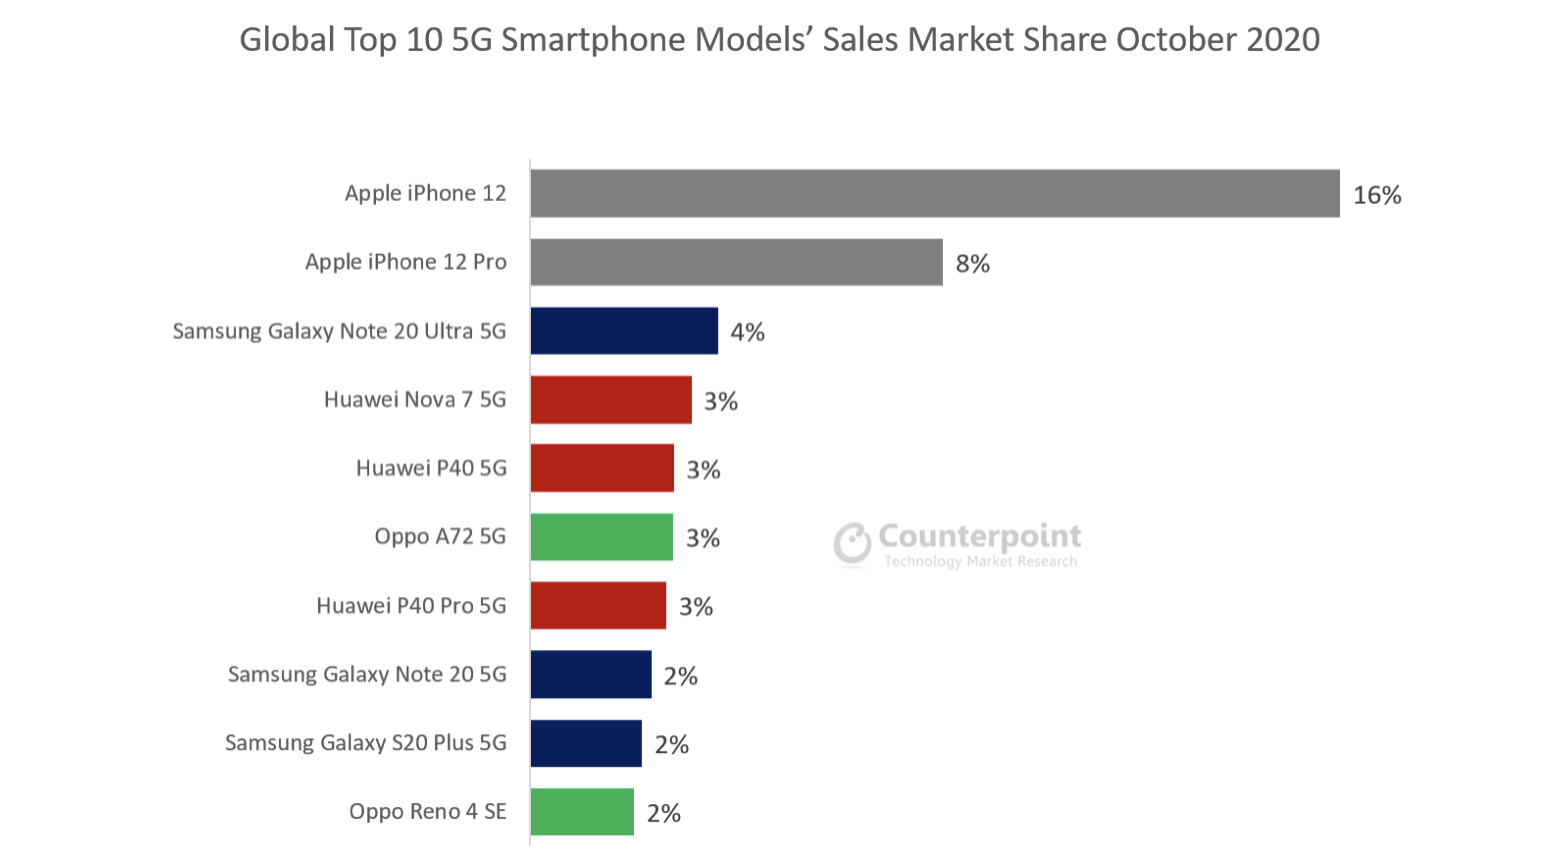 Ventas de smartphones 5G más vendidos